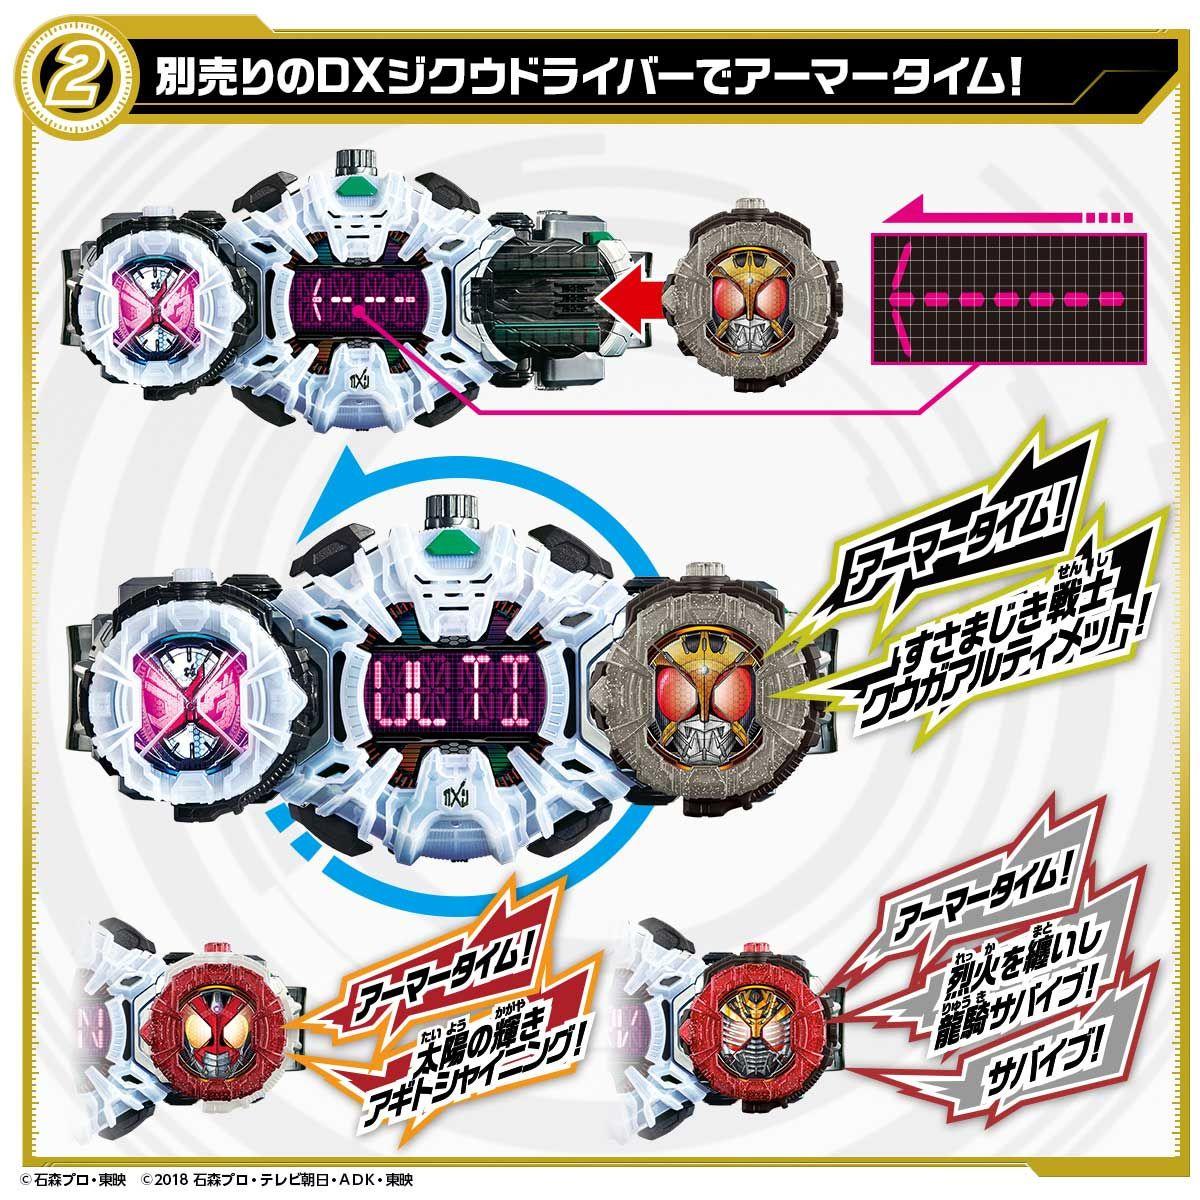 仮面ライダージオウ『DXライドウォッチセットVOL.1』変身なりきり-004